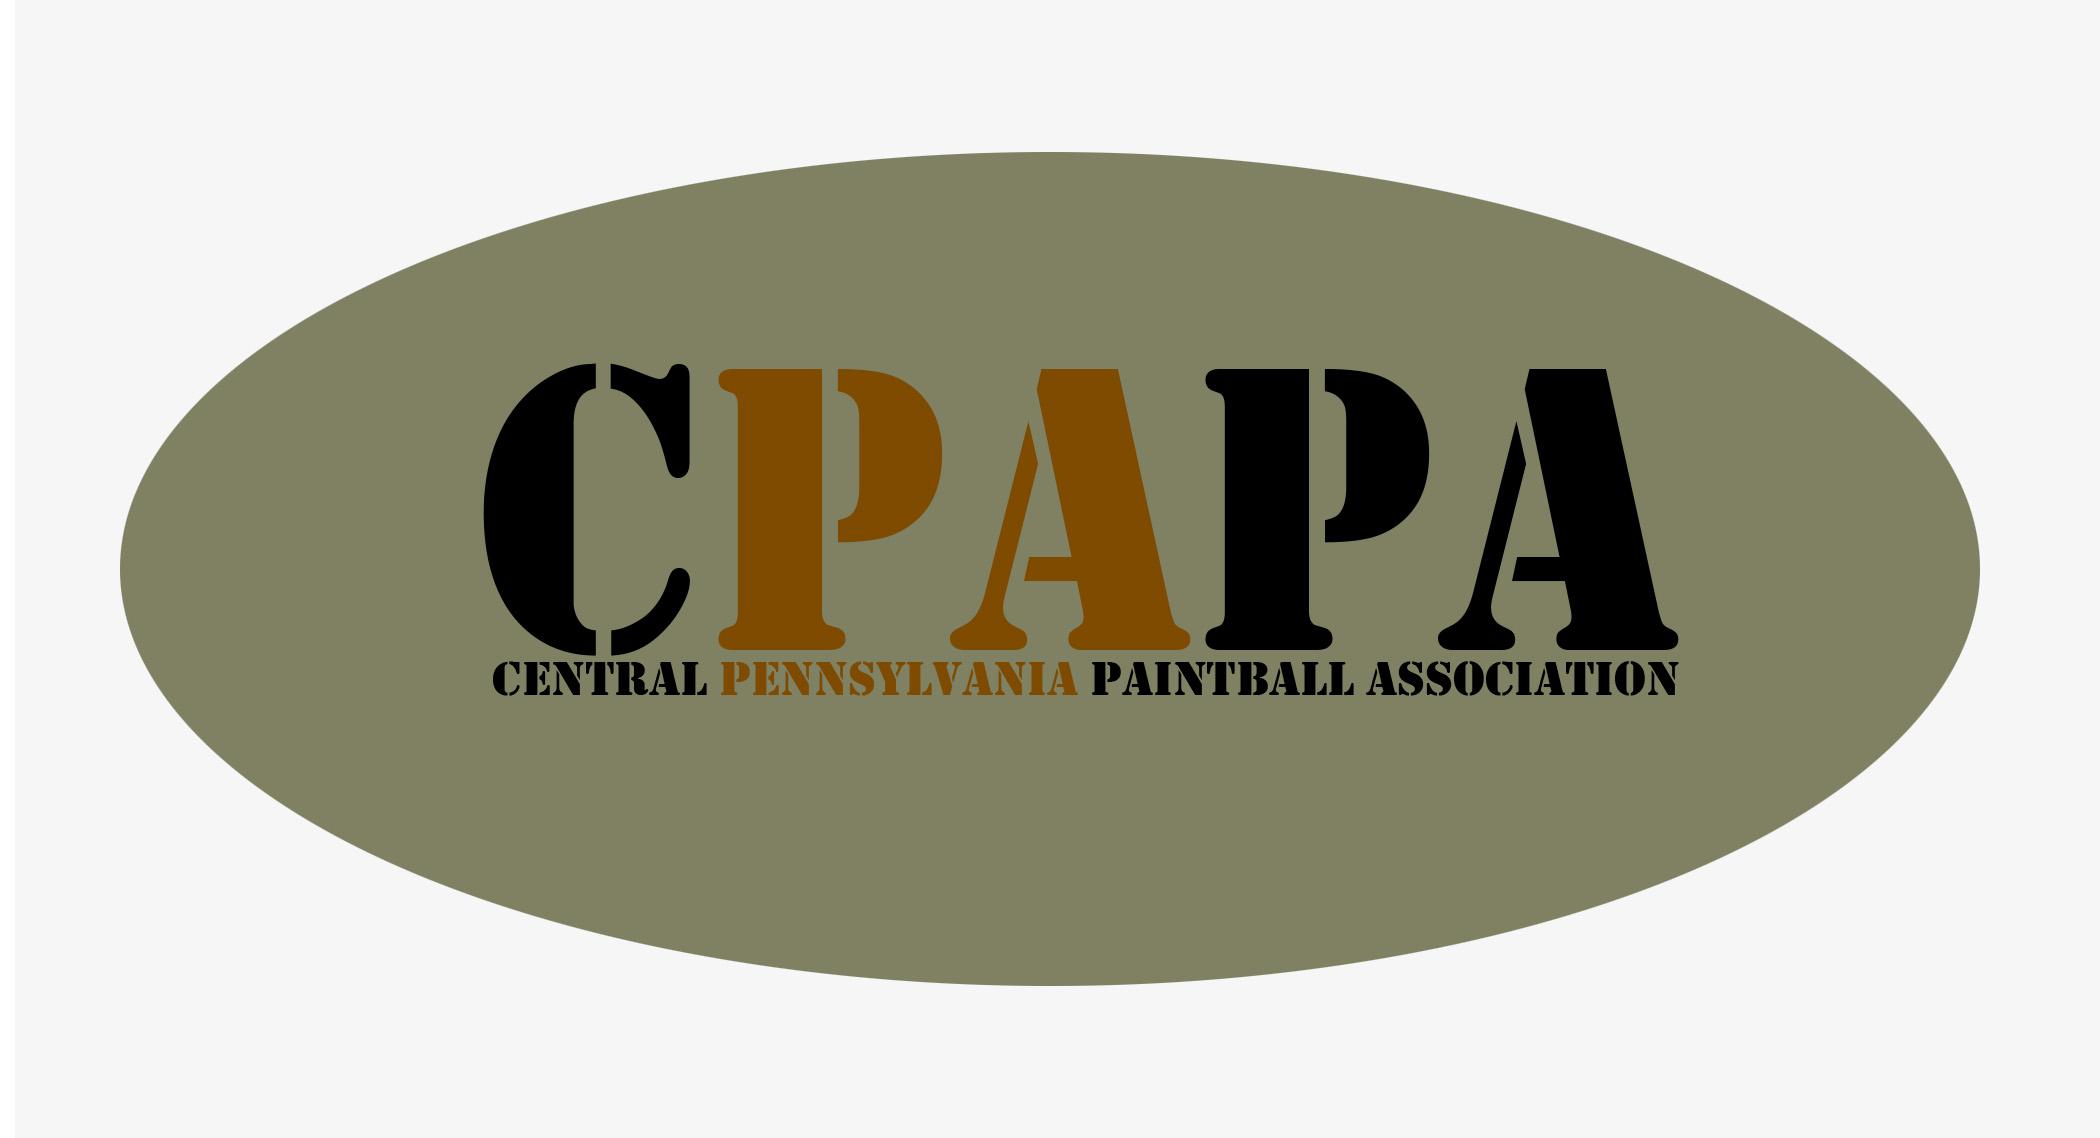 CPAPA